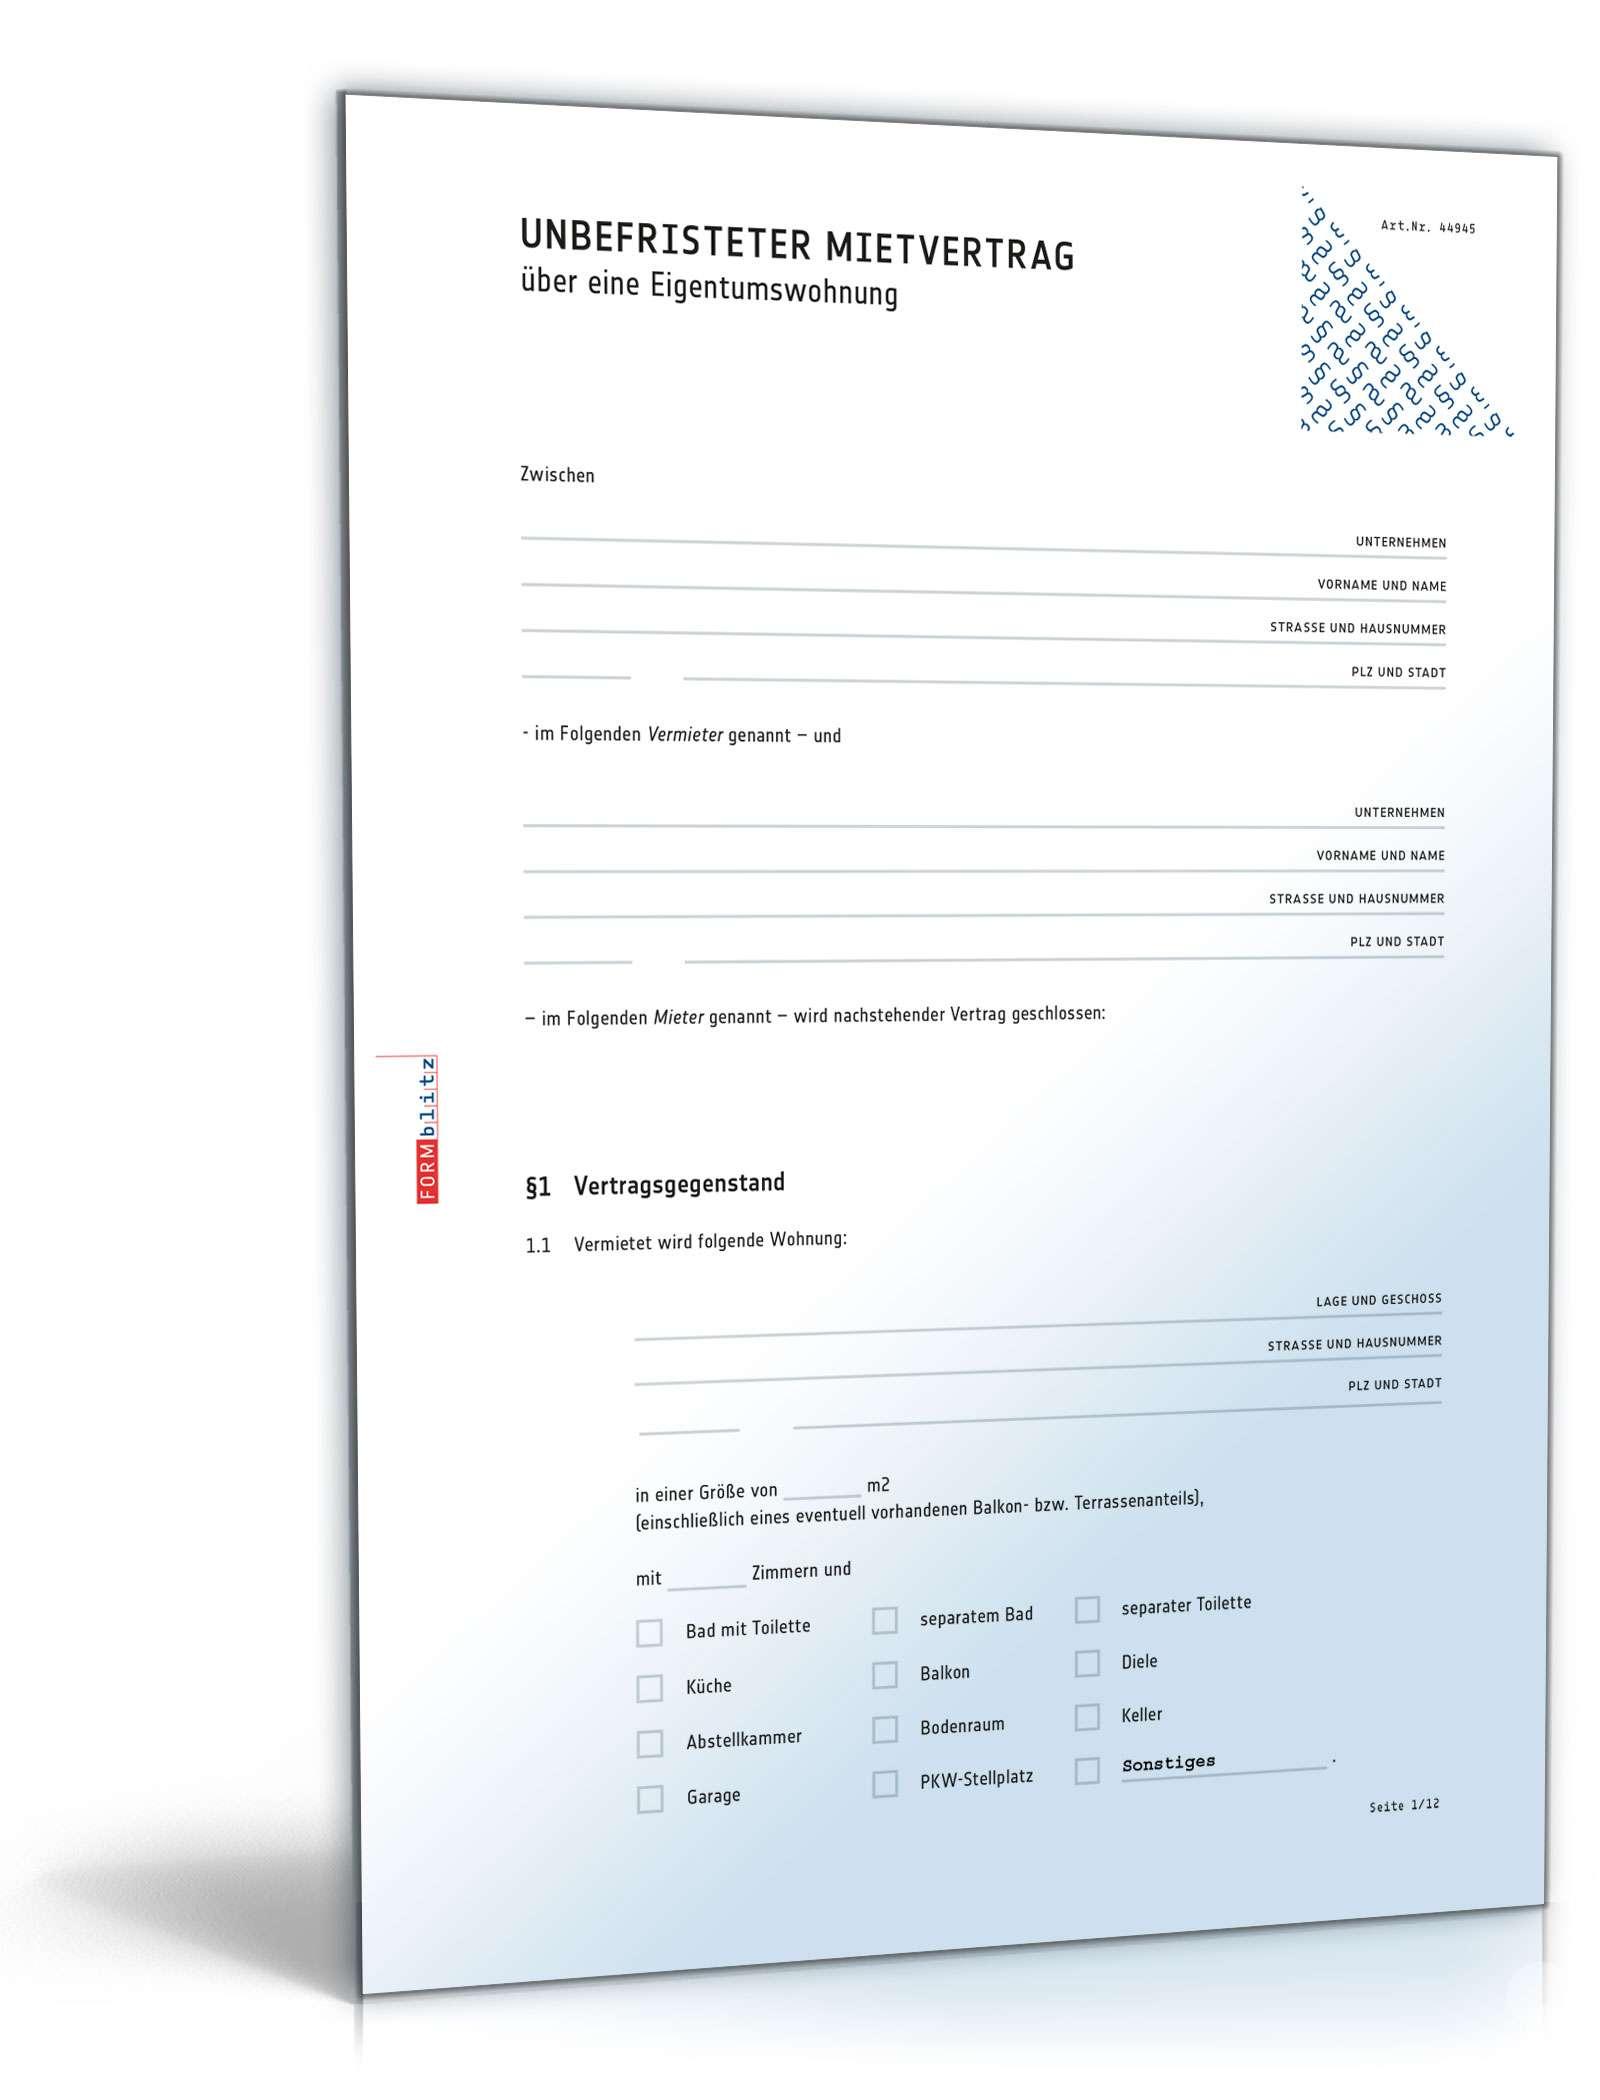 Mietvertrag Eigentumswohnung Rechtssichere Vorlage Zum Download